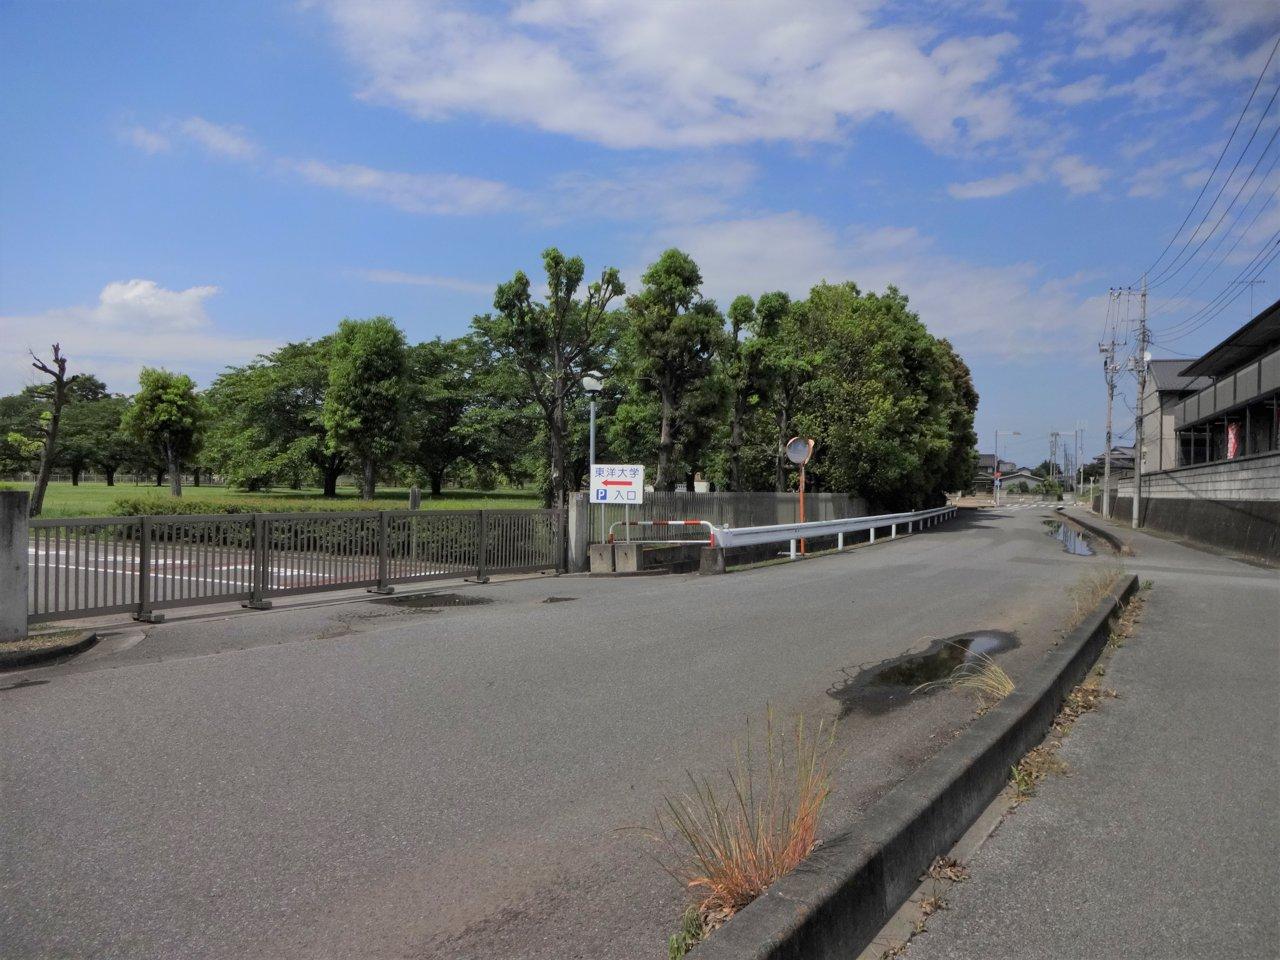 板倉 キャンパス 大学 東洋